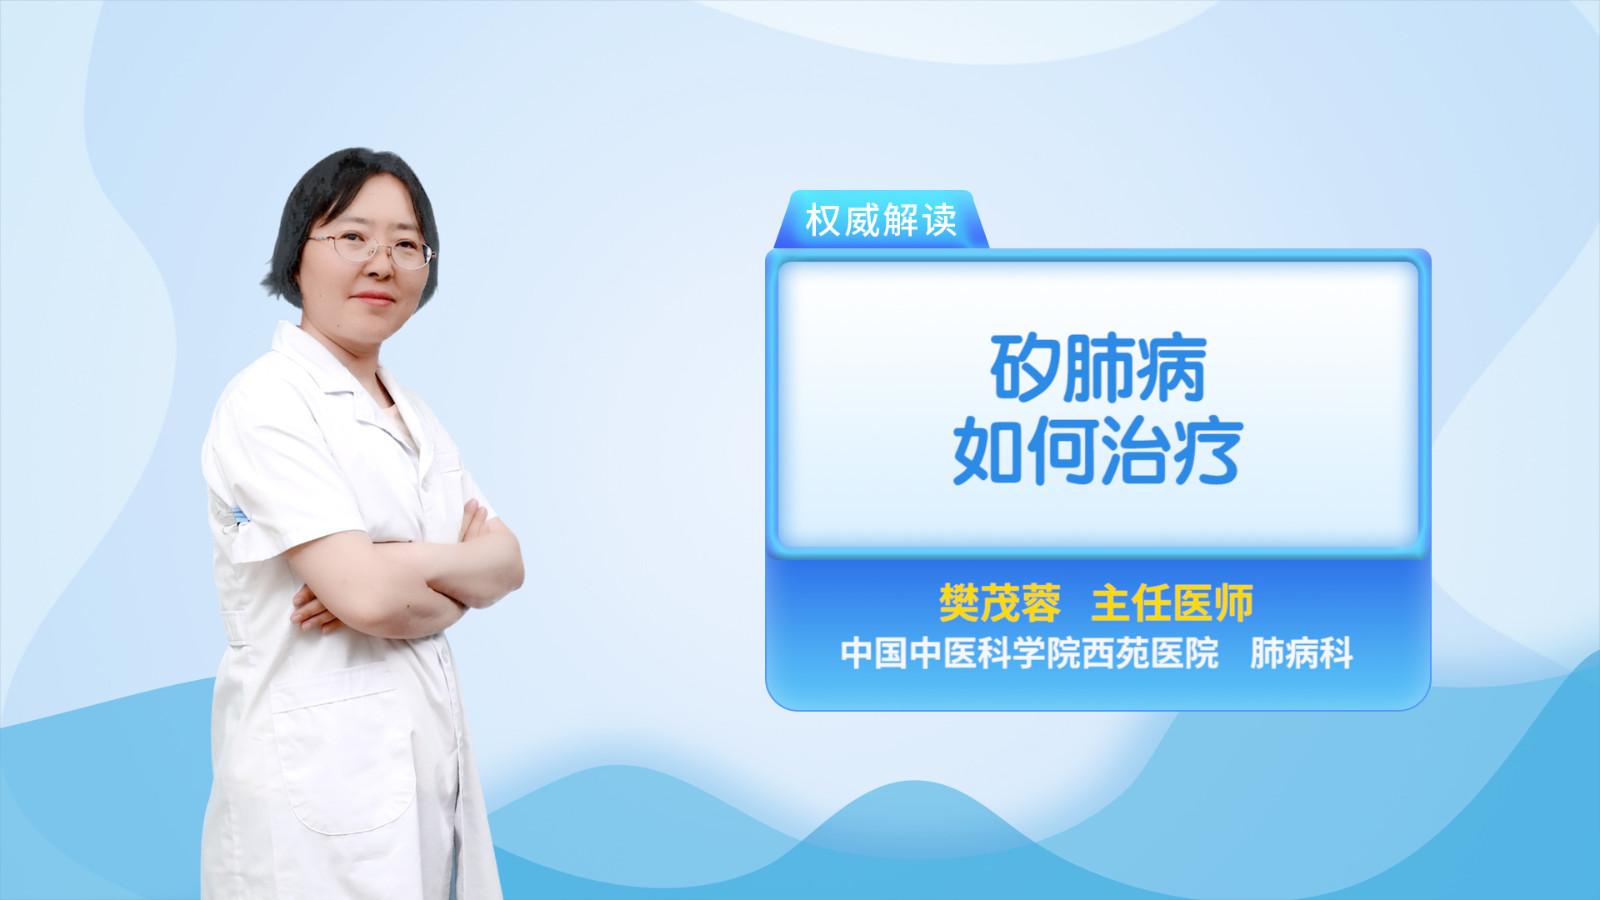 矽肺病如何治疗